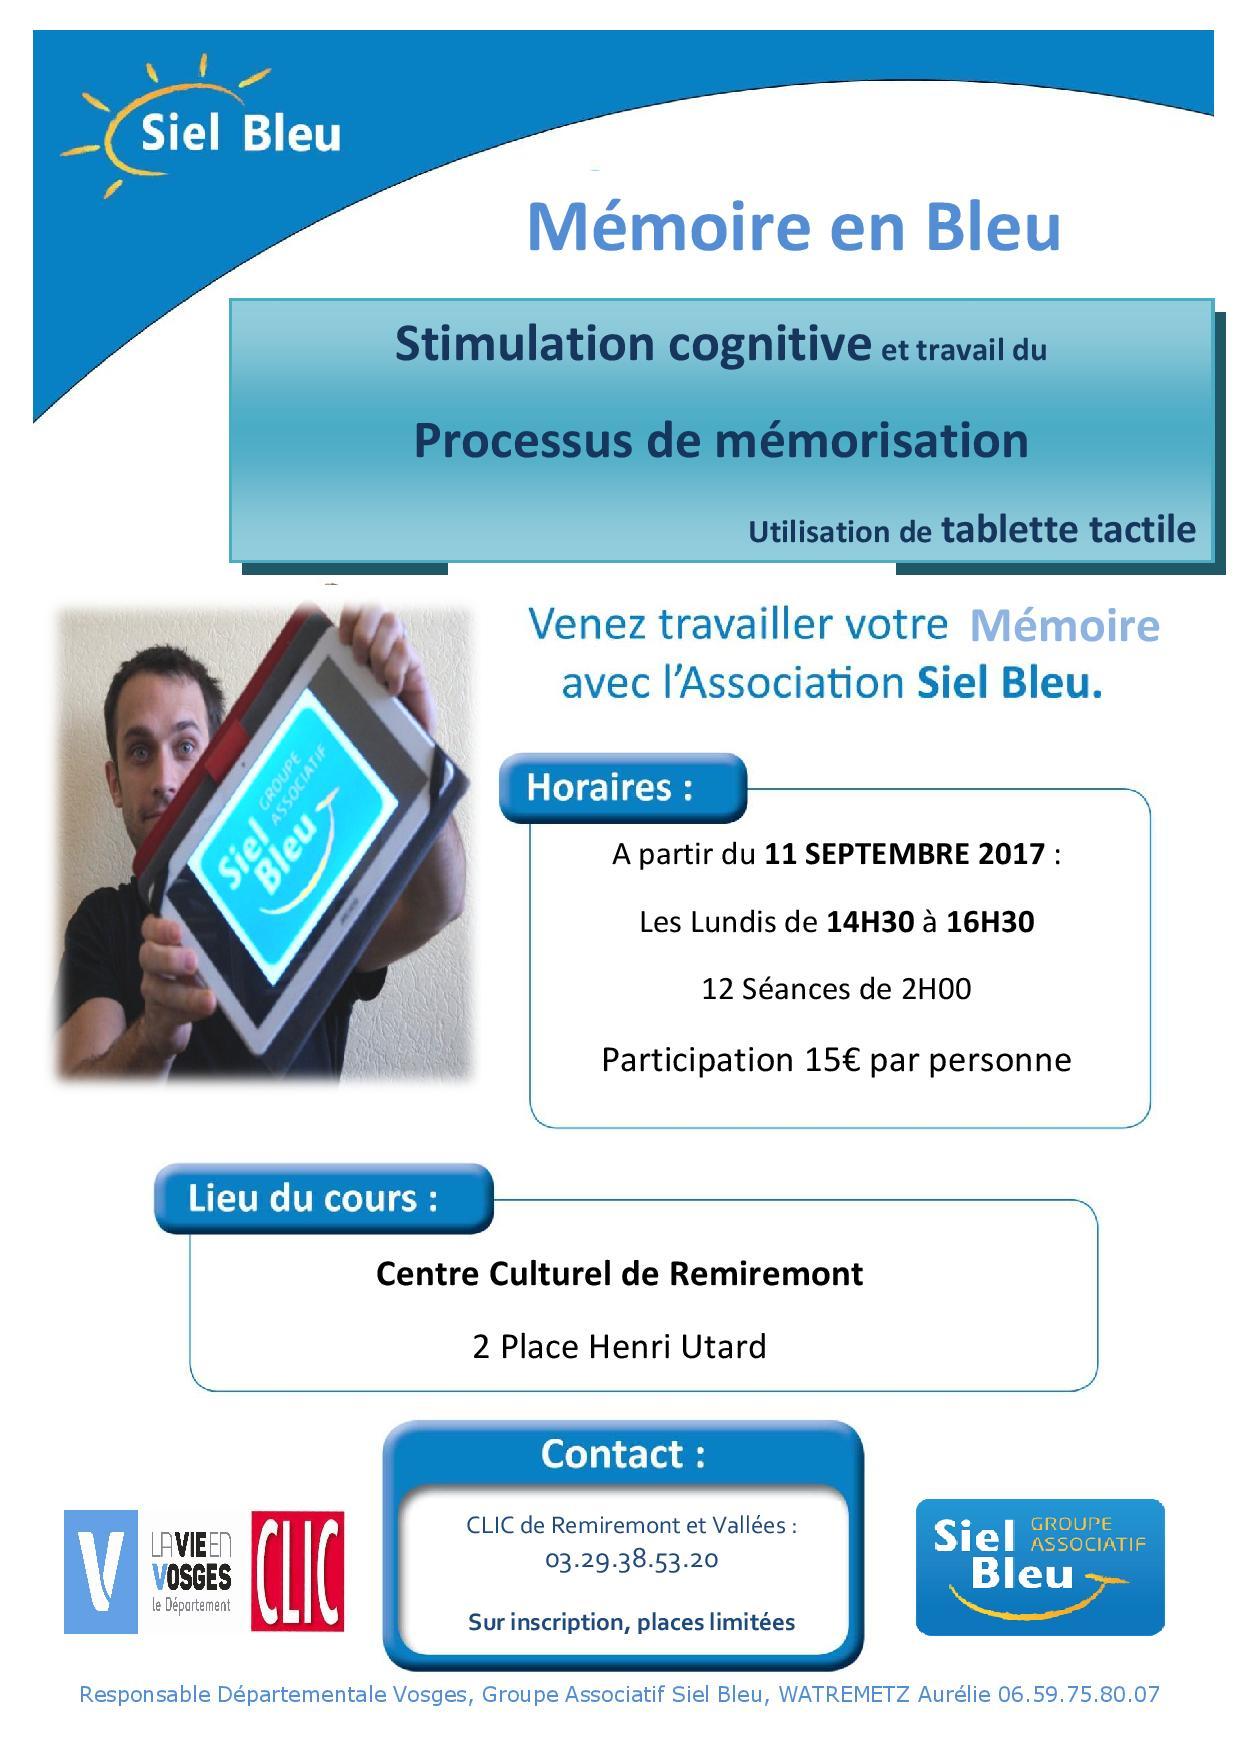 Affiche Mémoire en Bleu 2-page-001 (1)